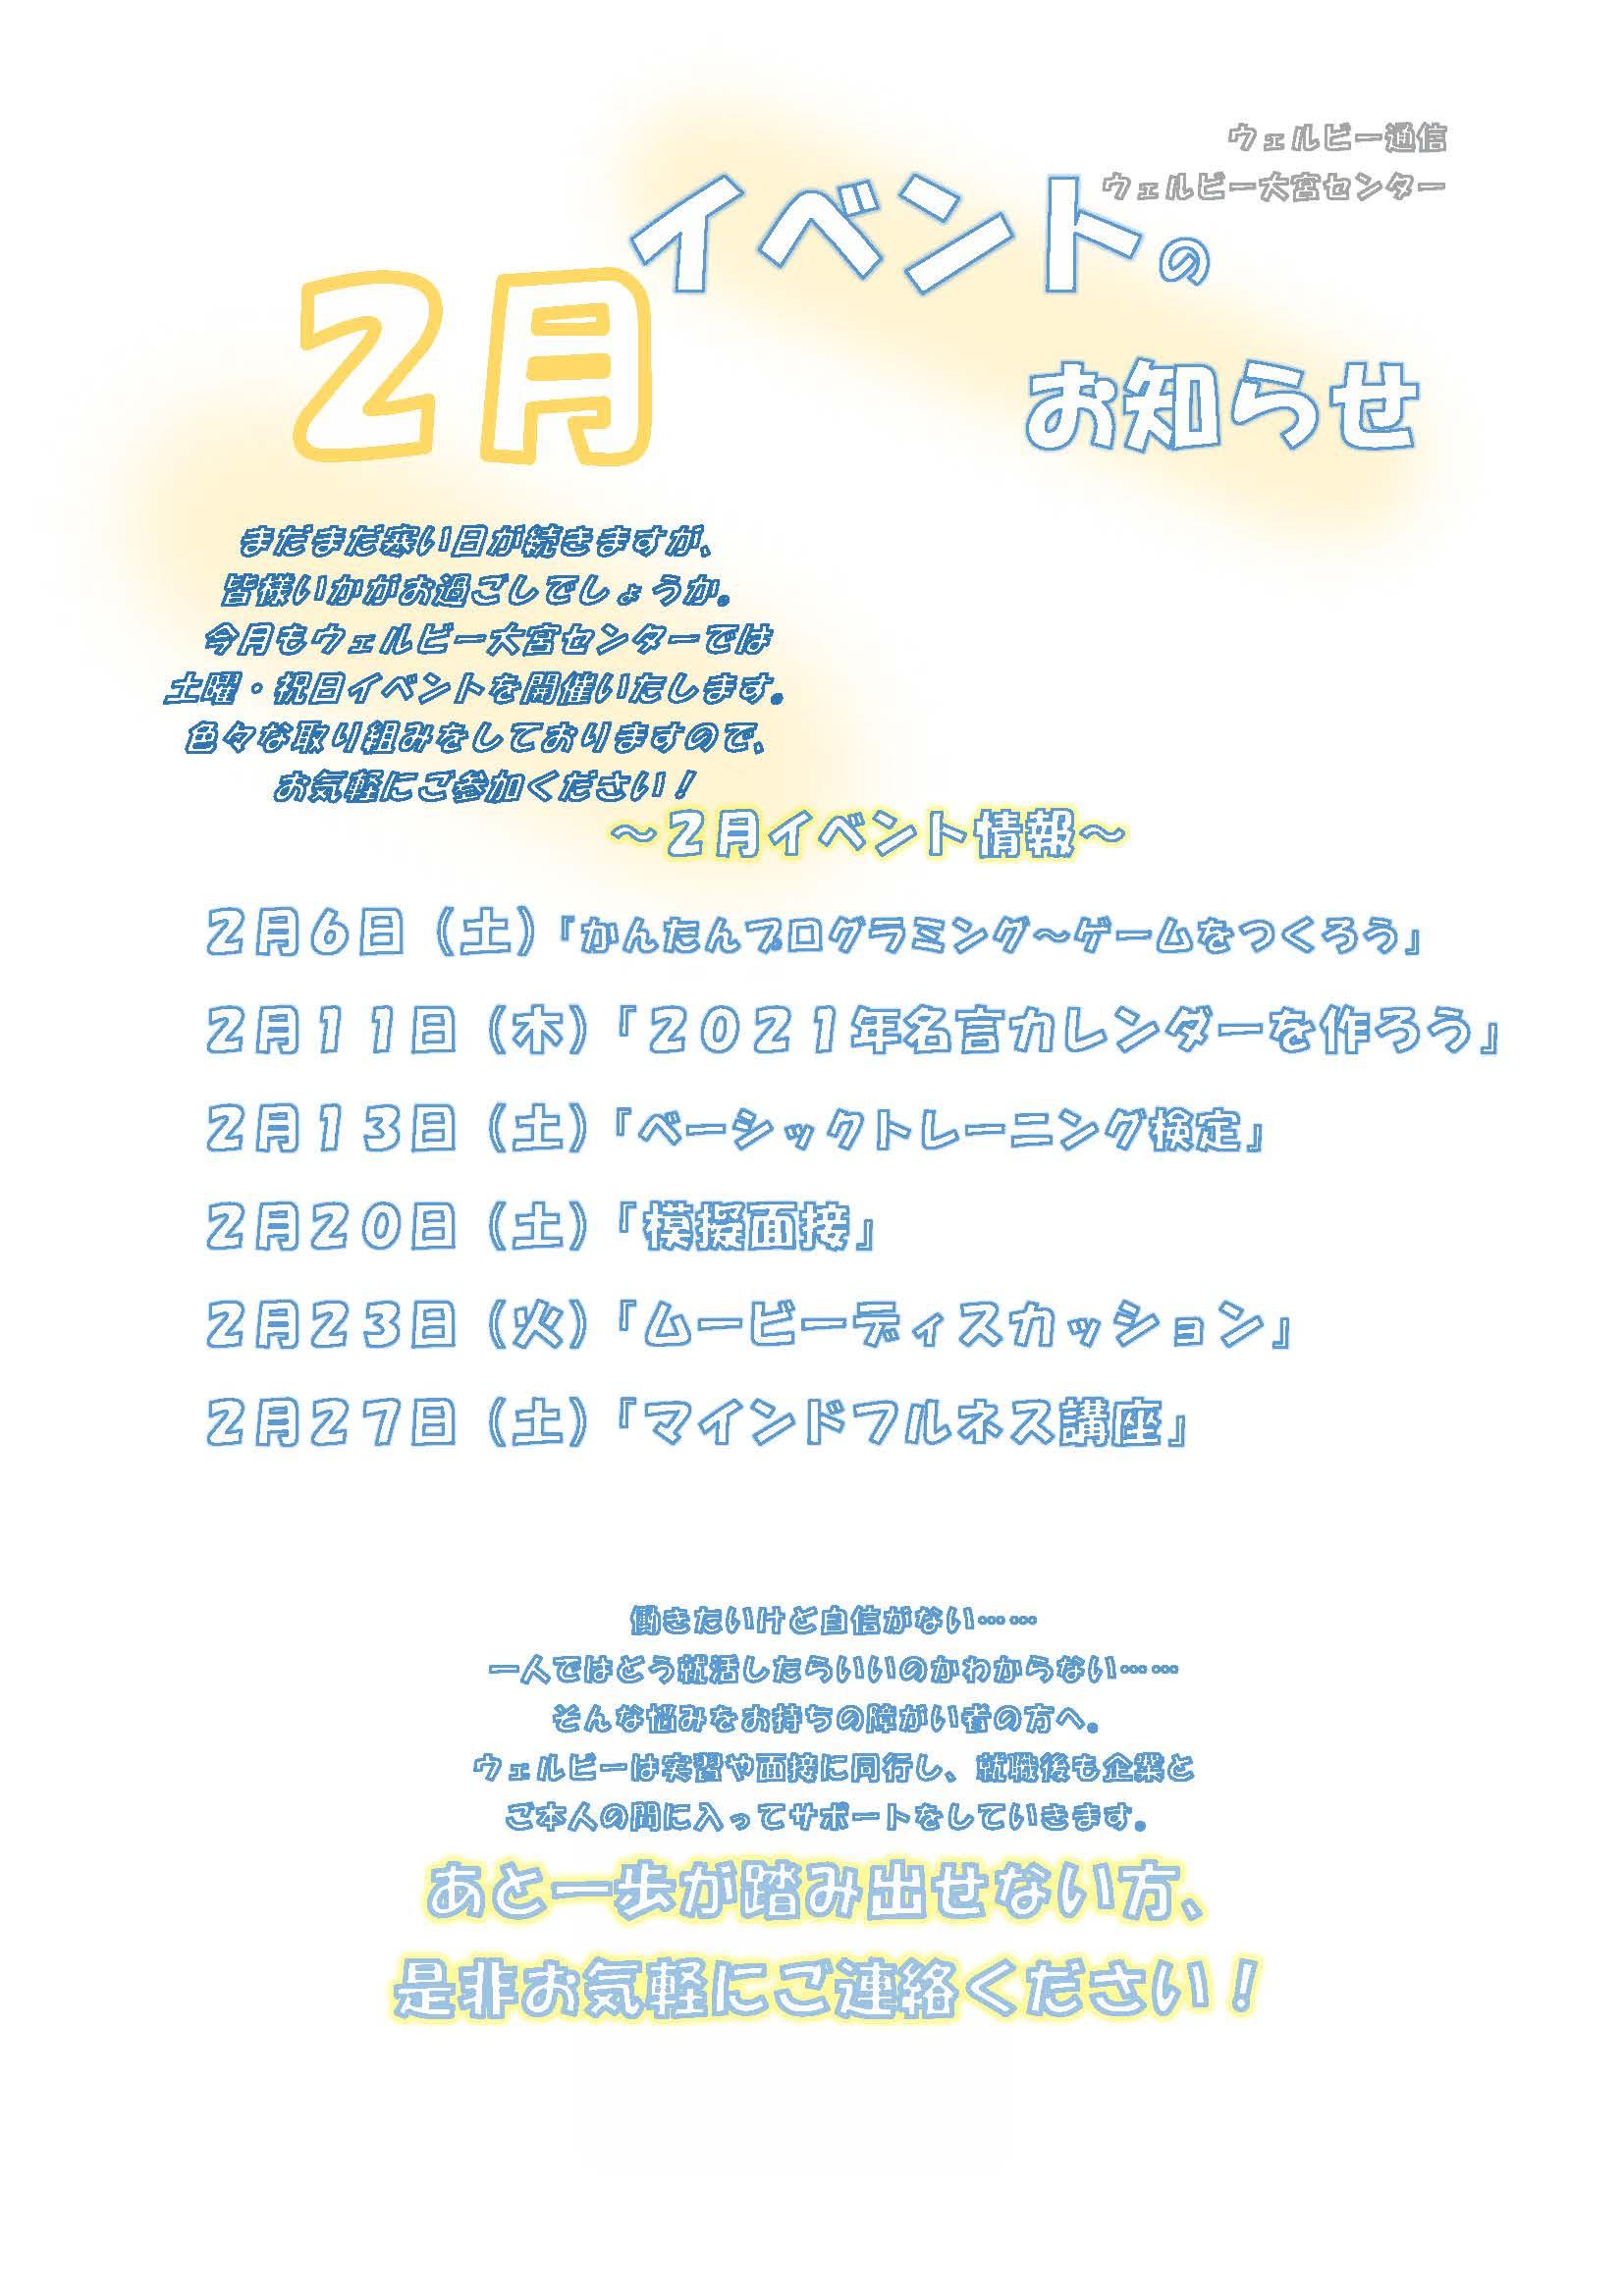 【ブログ用】ウェルビー通信2021年2月